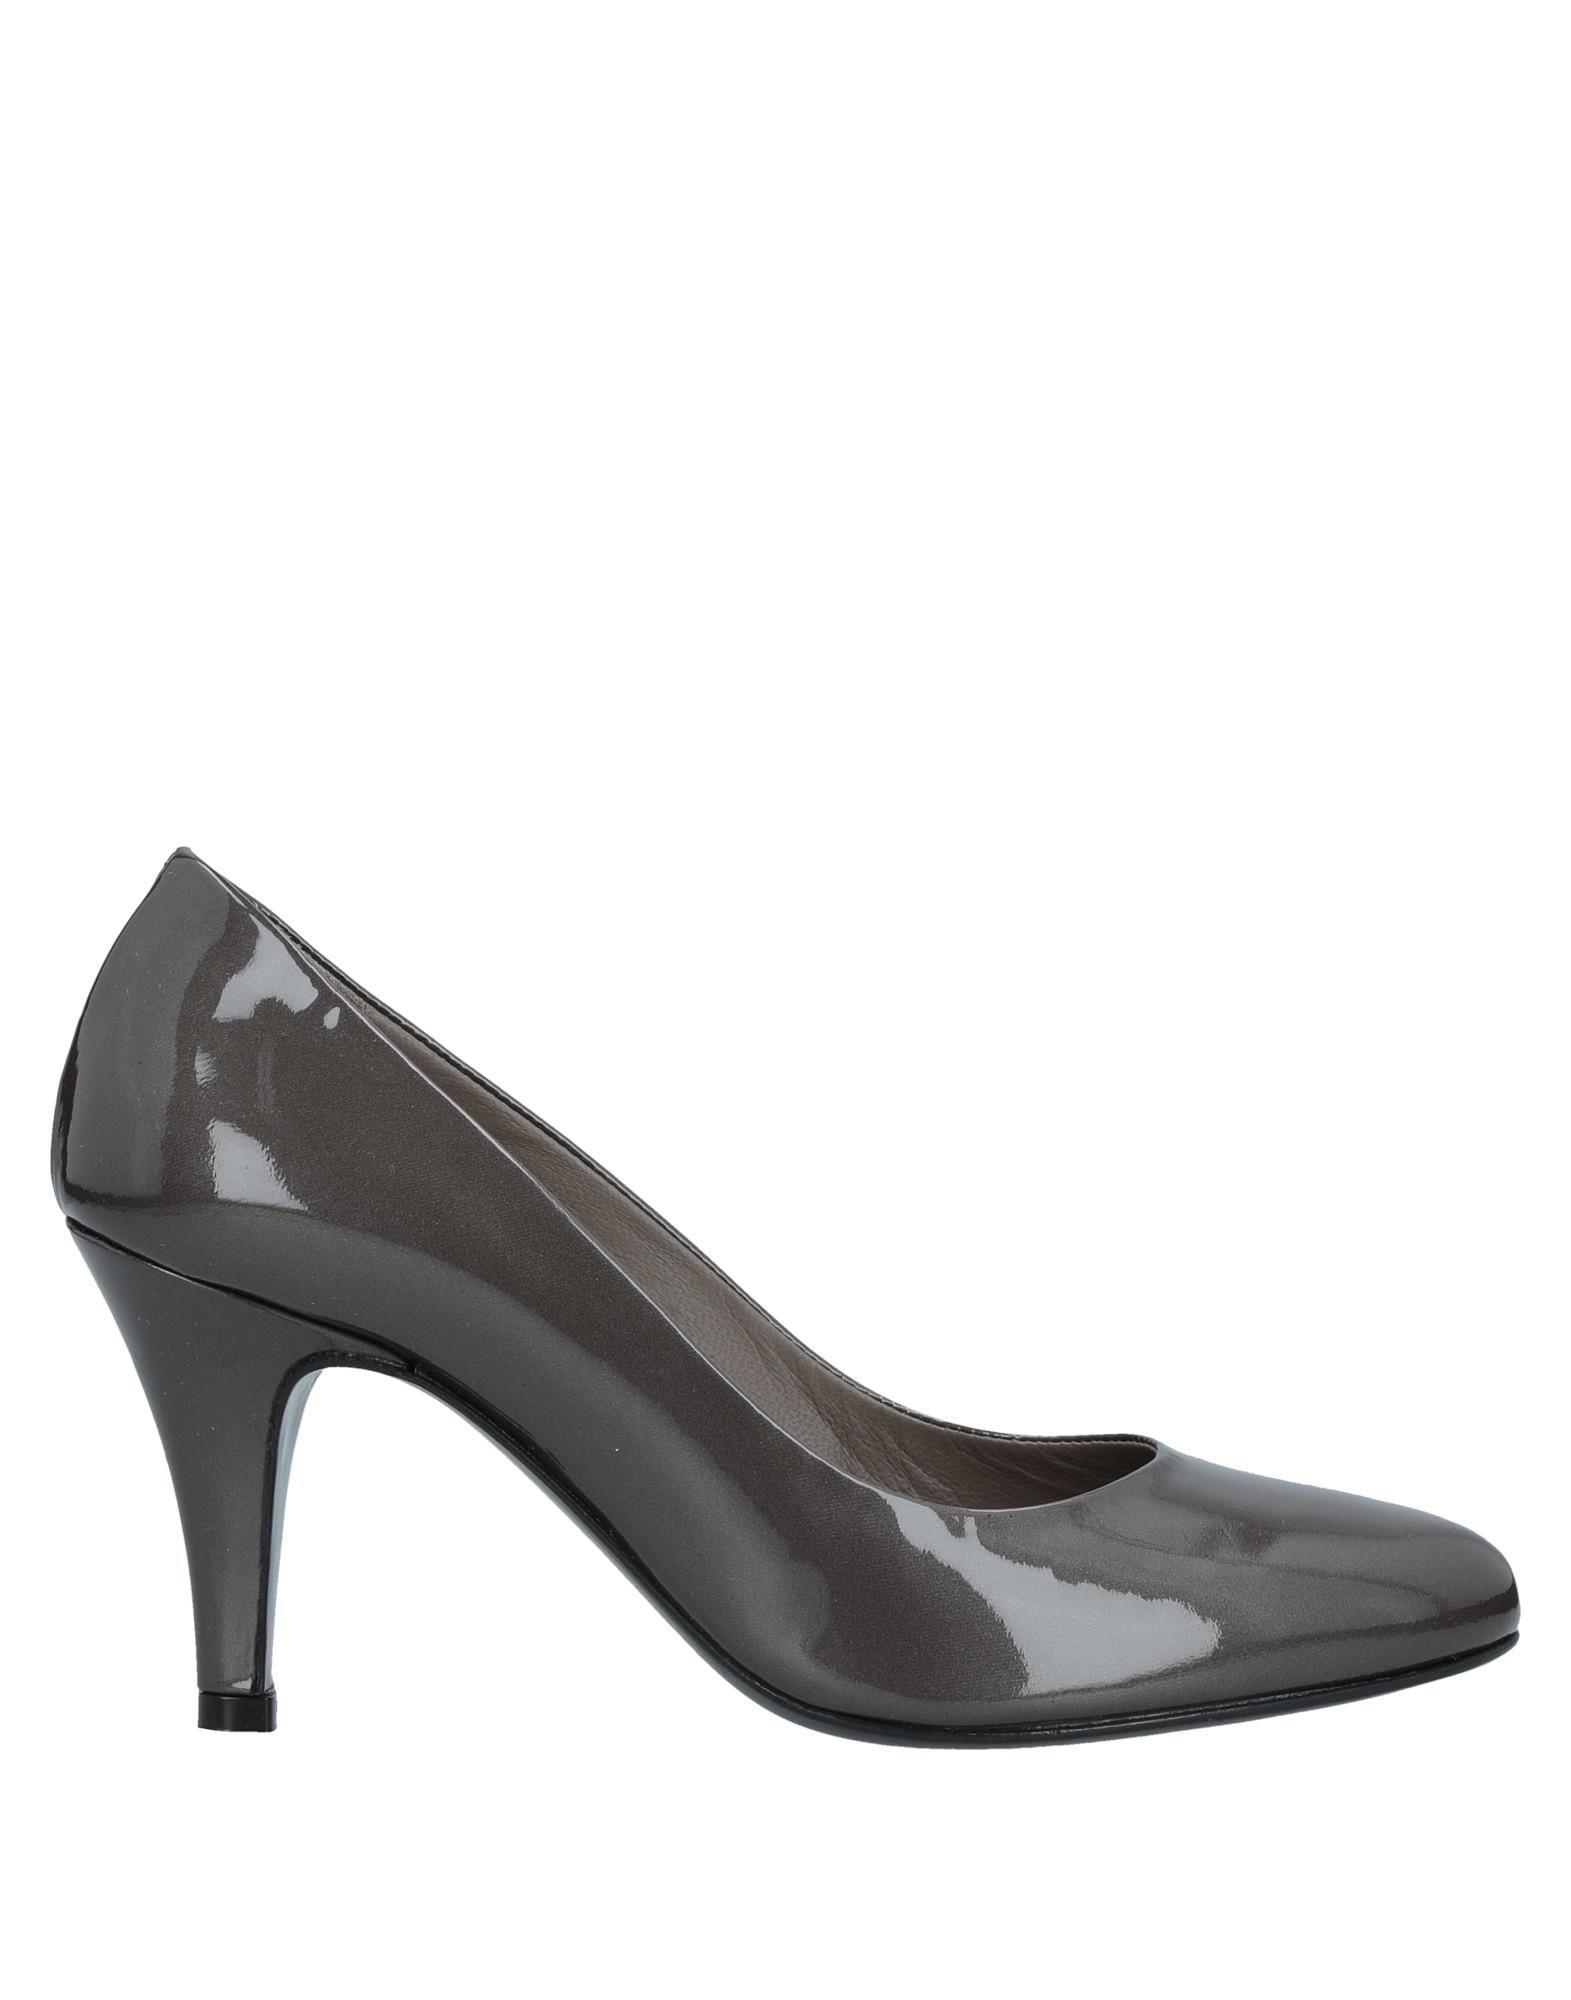 Ellemme Pumps Damen  11526079JM Gute Qualität beliebte Schuhe